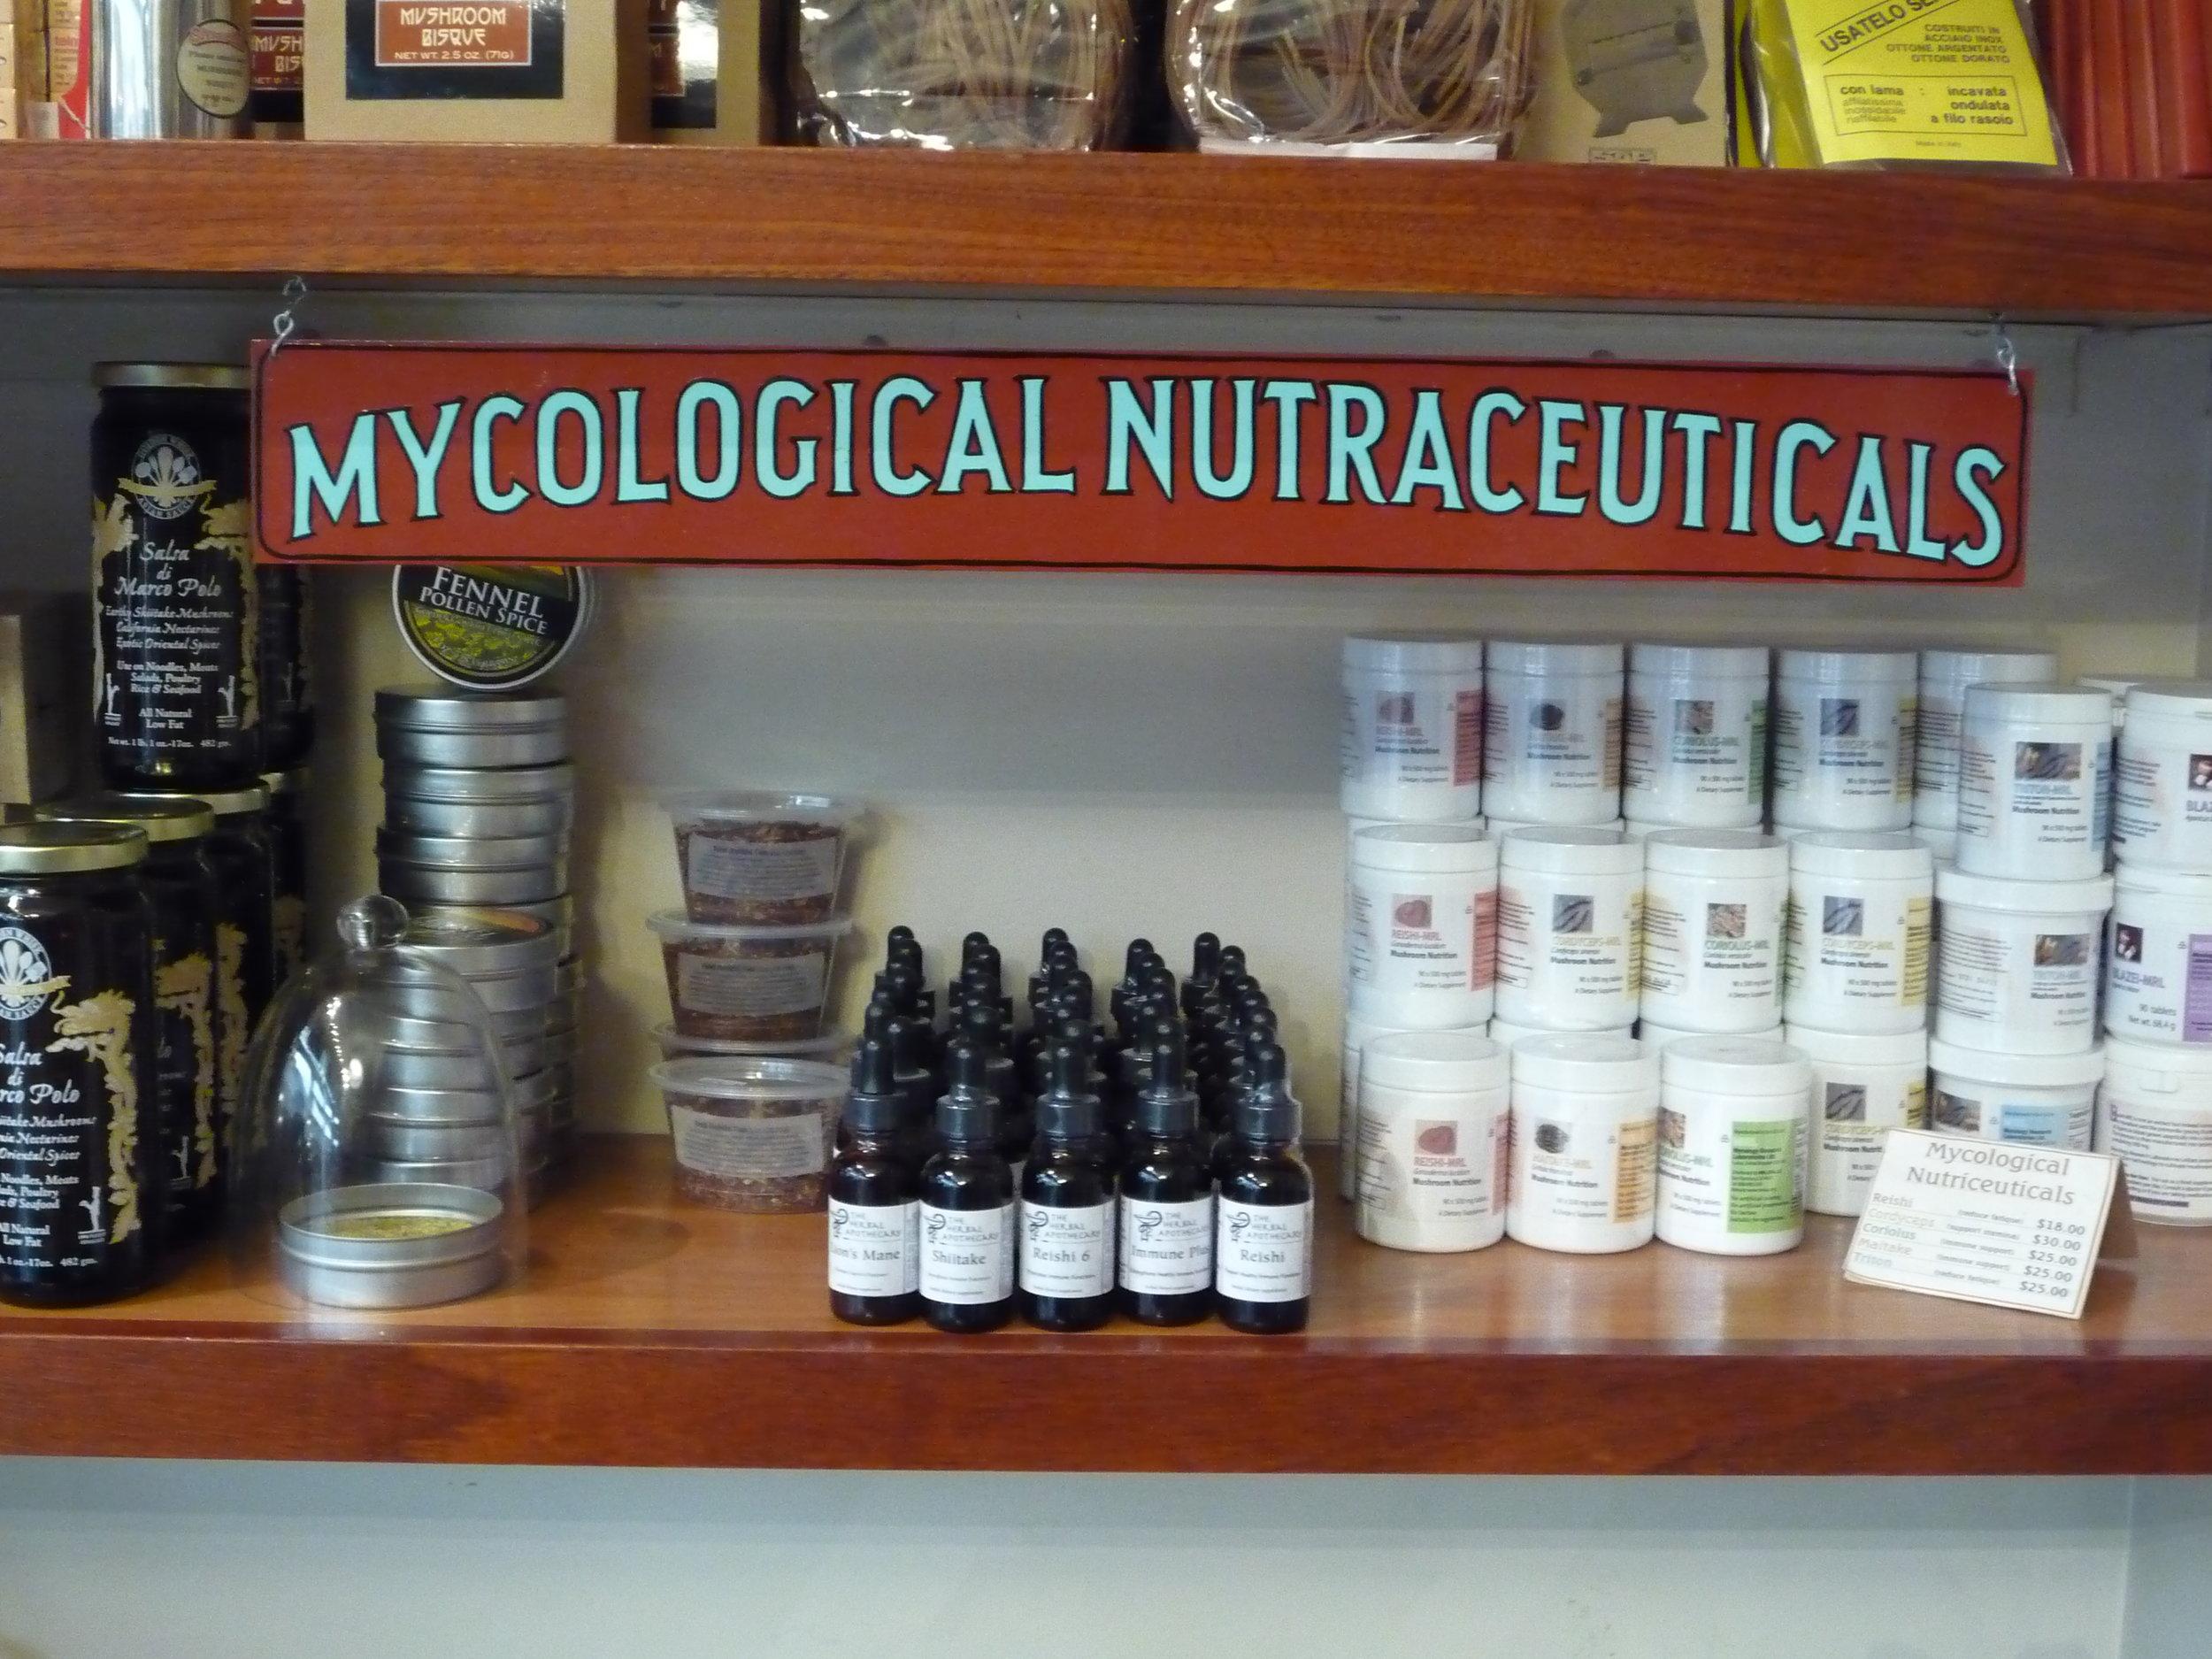 ORIG-far-west-fungi-mycological-nutraceuticals-shelf-sign_4323724330_o.jpg